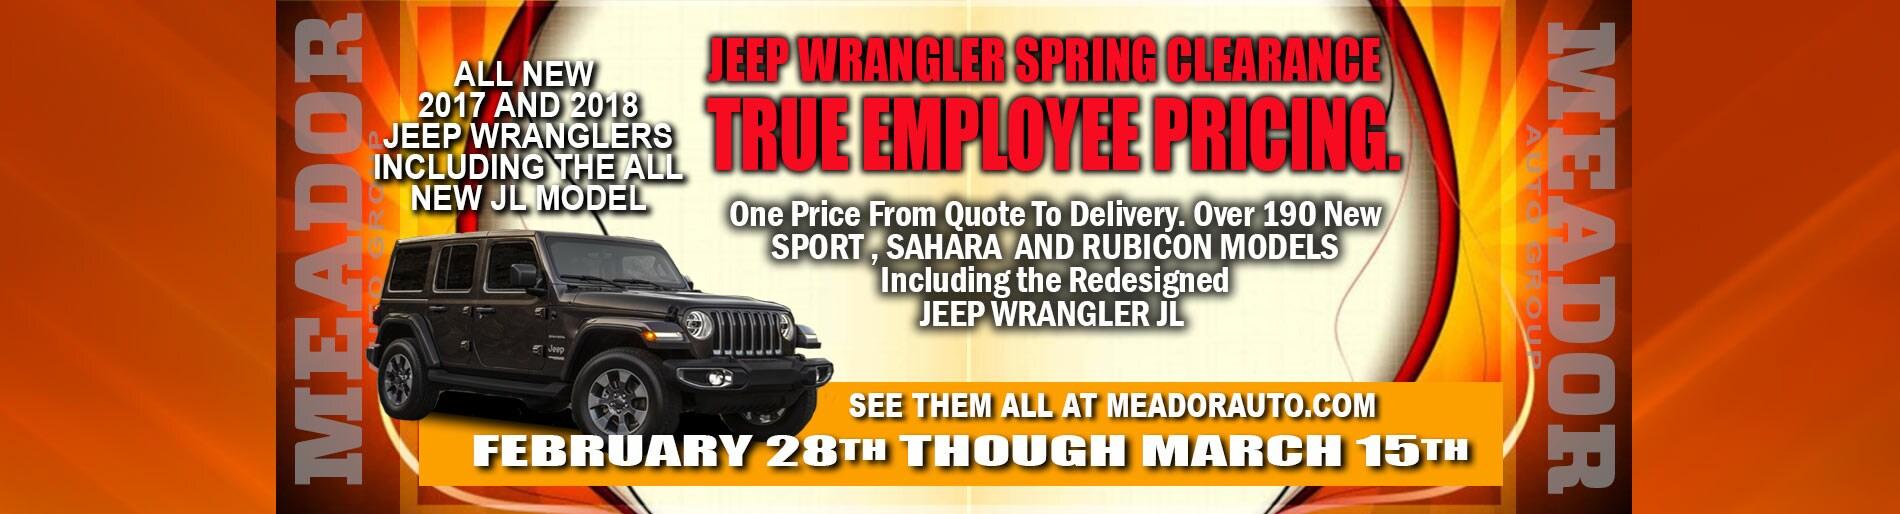 Fort Worth TX Meador Dodge Chrysler Jeep Ram Dealer New Used - Closest chrysler dealer